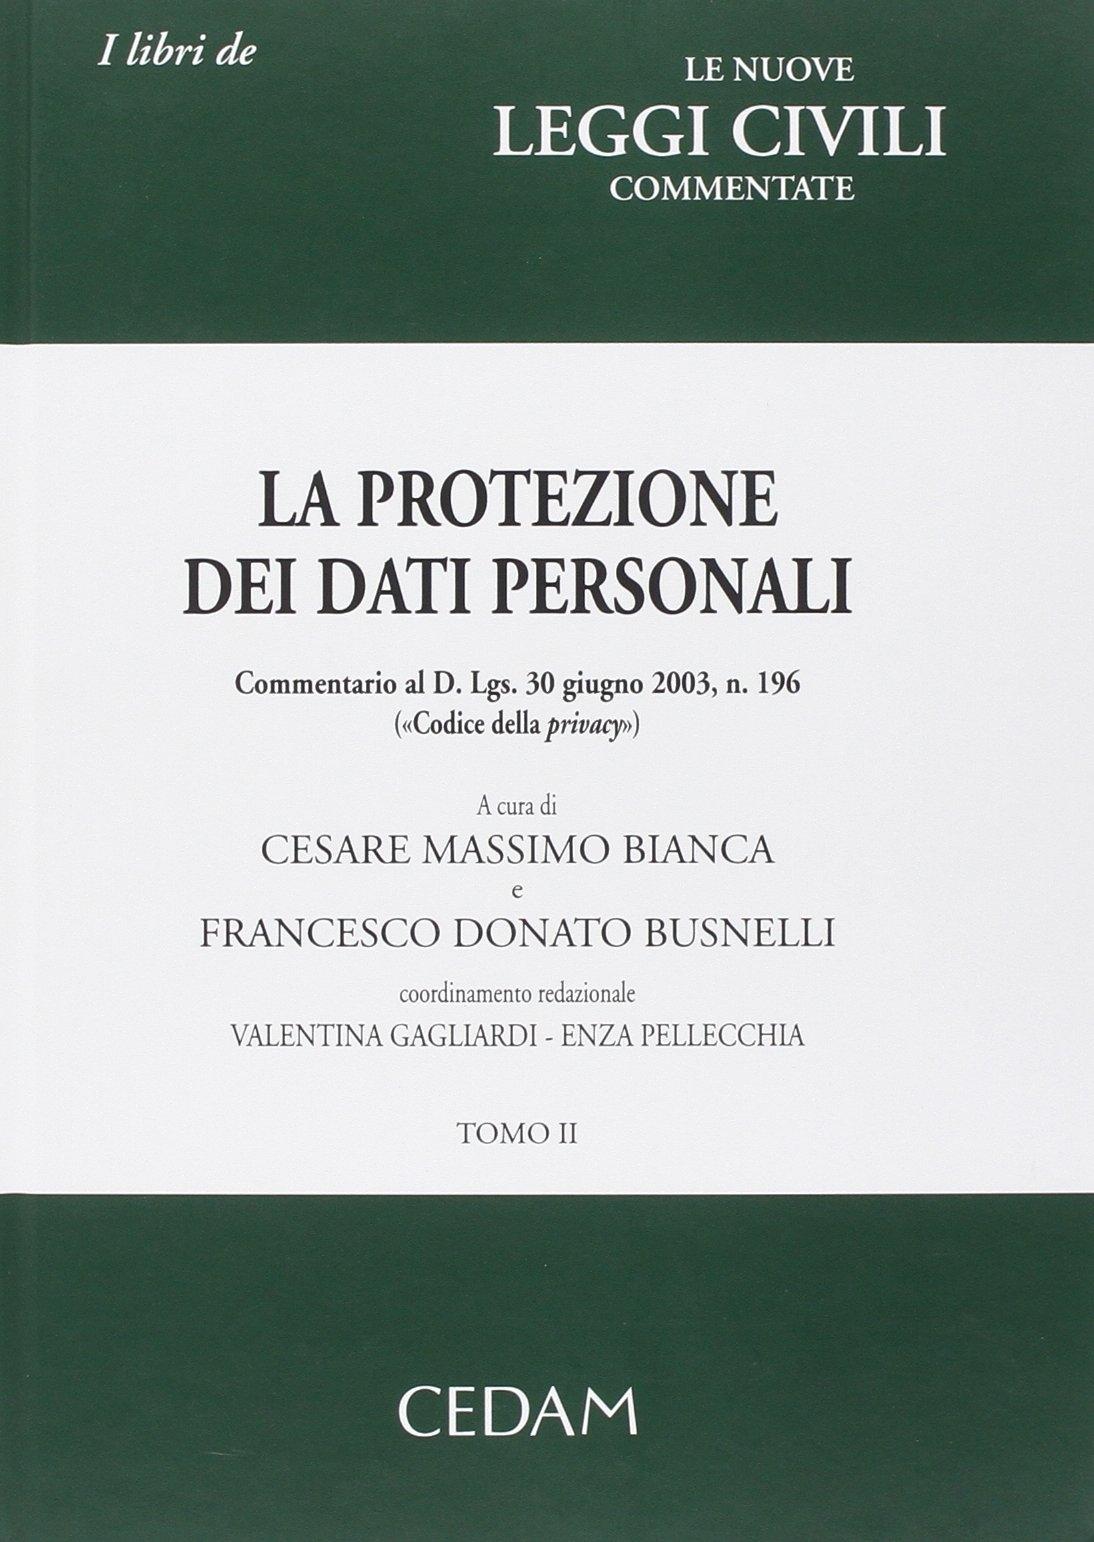 La protezione dei dati personali. Commentario al D. Lgs. 30 giugno 2003, n. 196